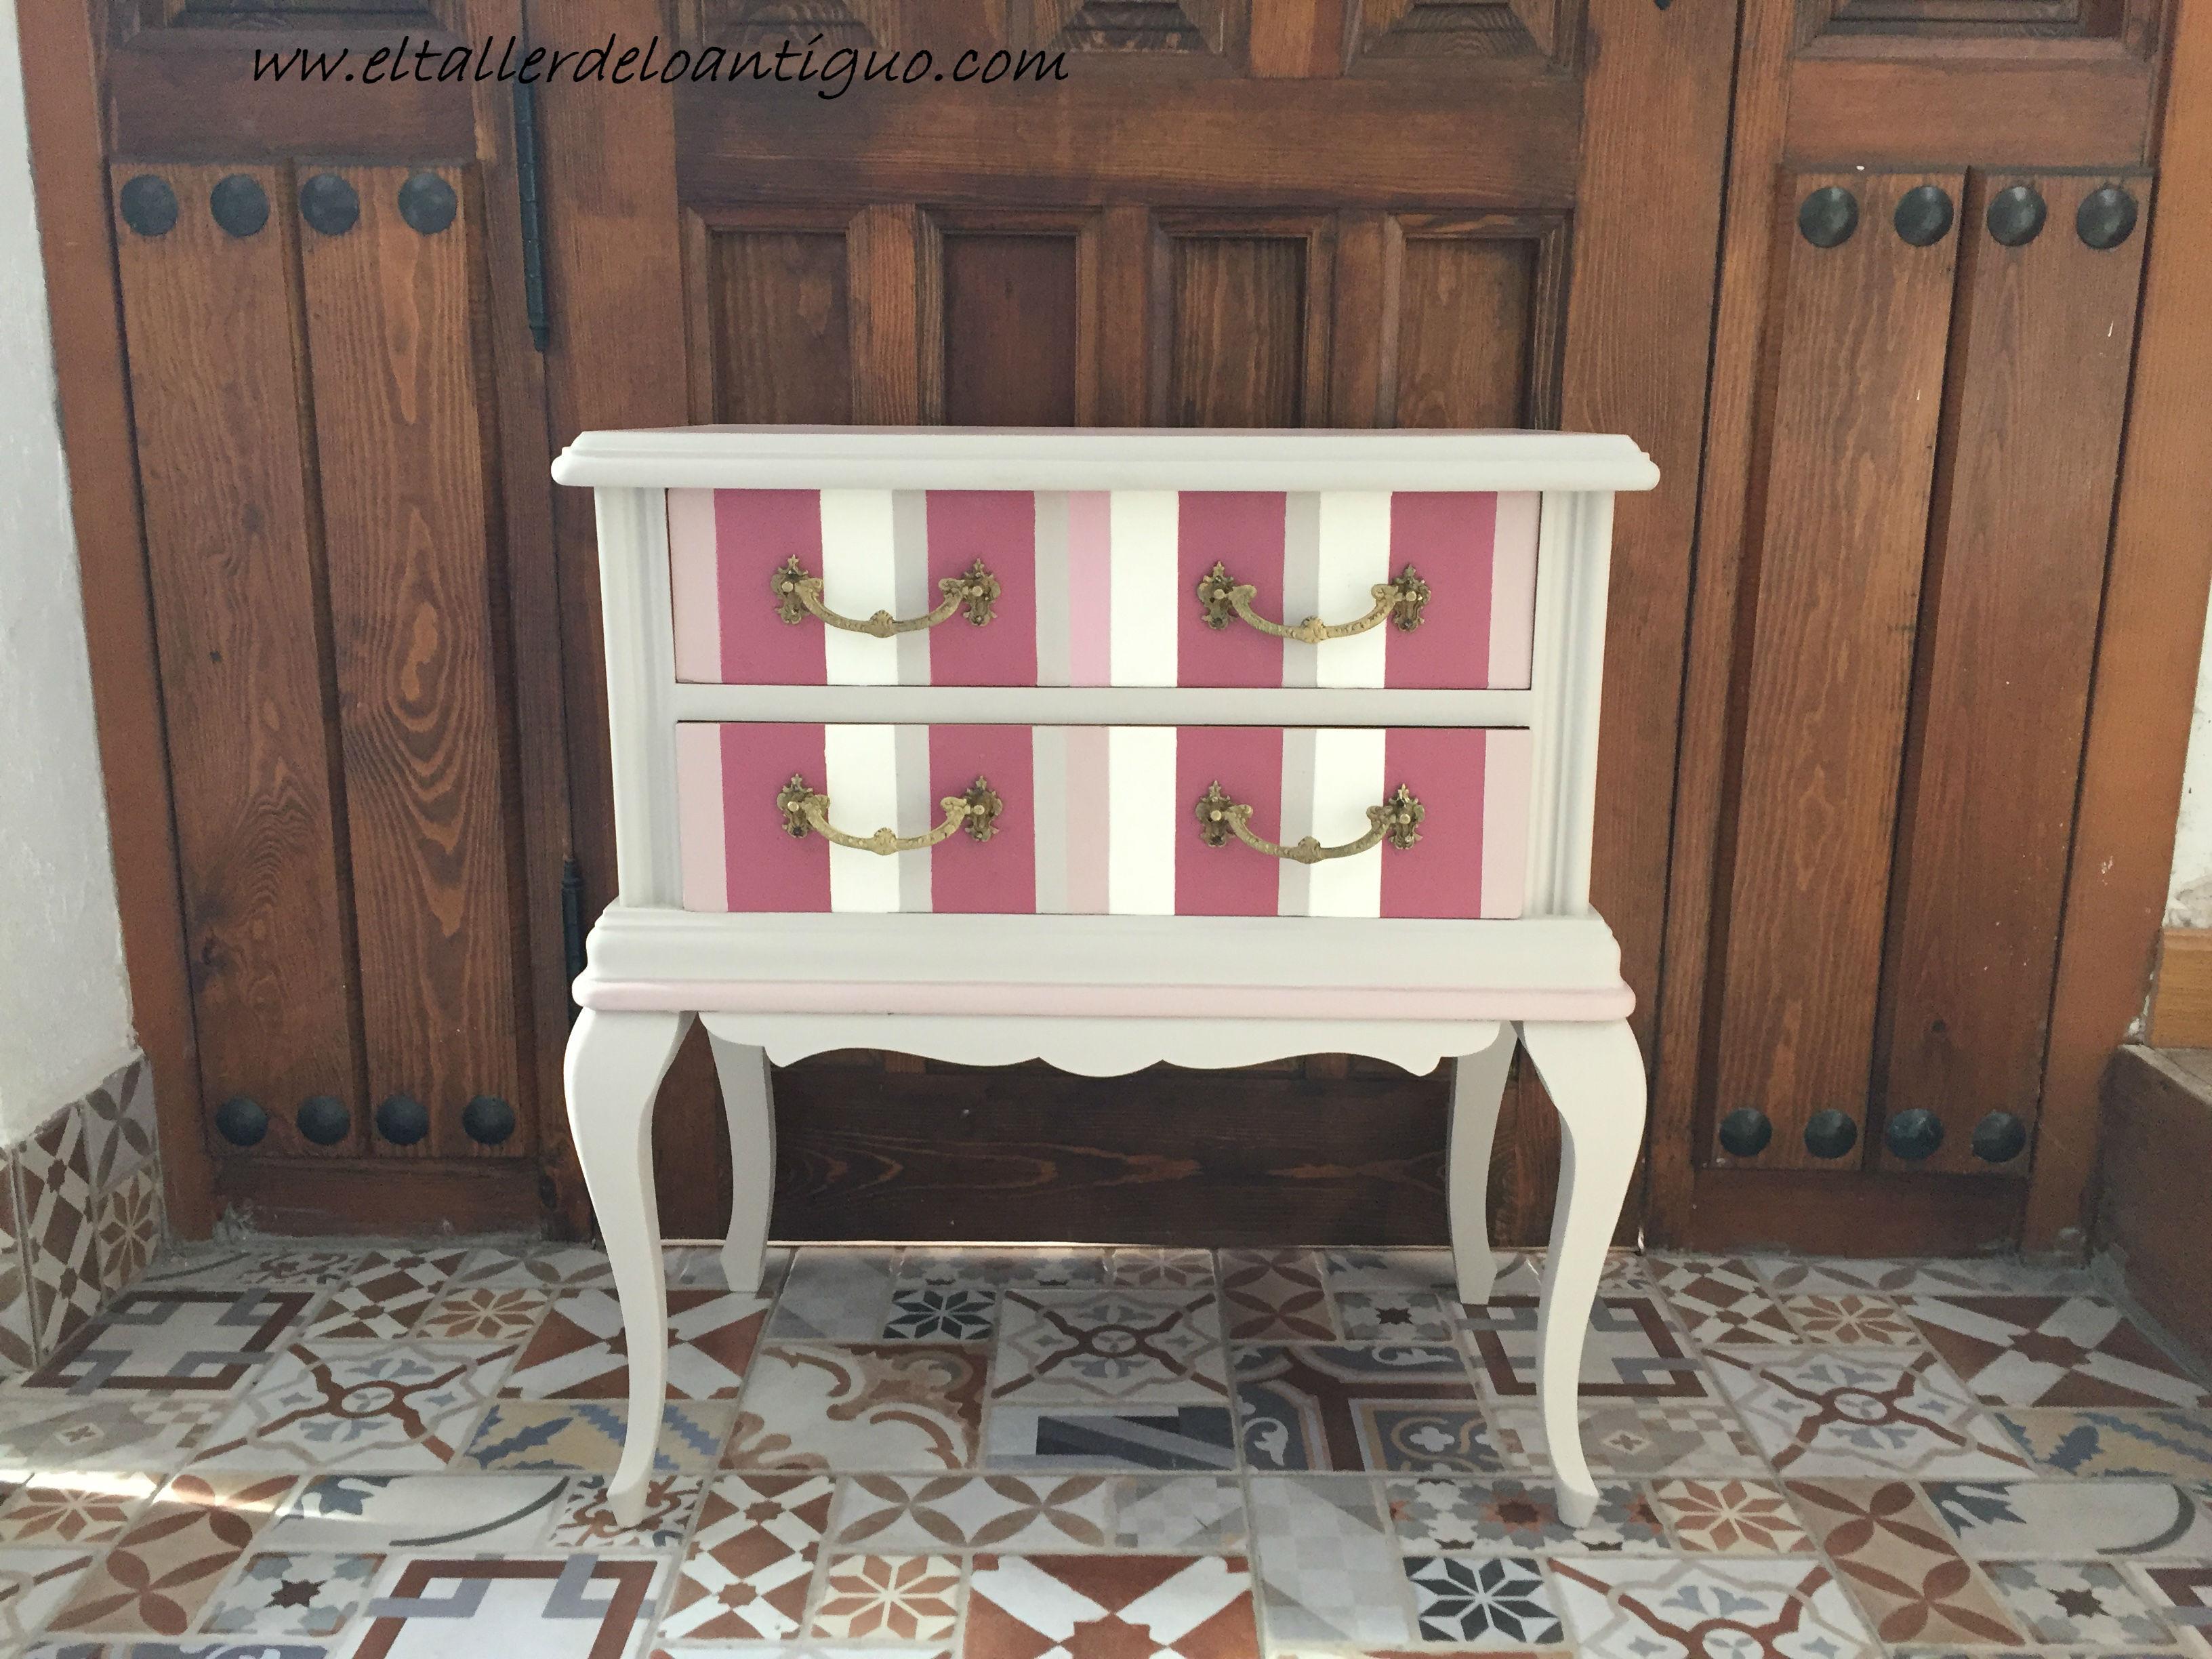 Pintar Una Coqueta Antigua El Taller De Lo Antiguo # Muebles Toque Antiguo